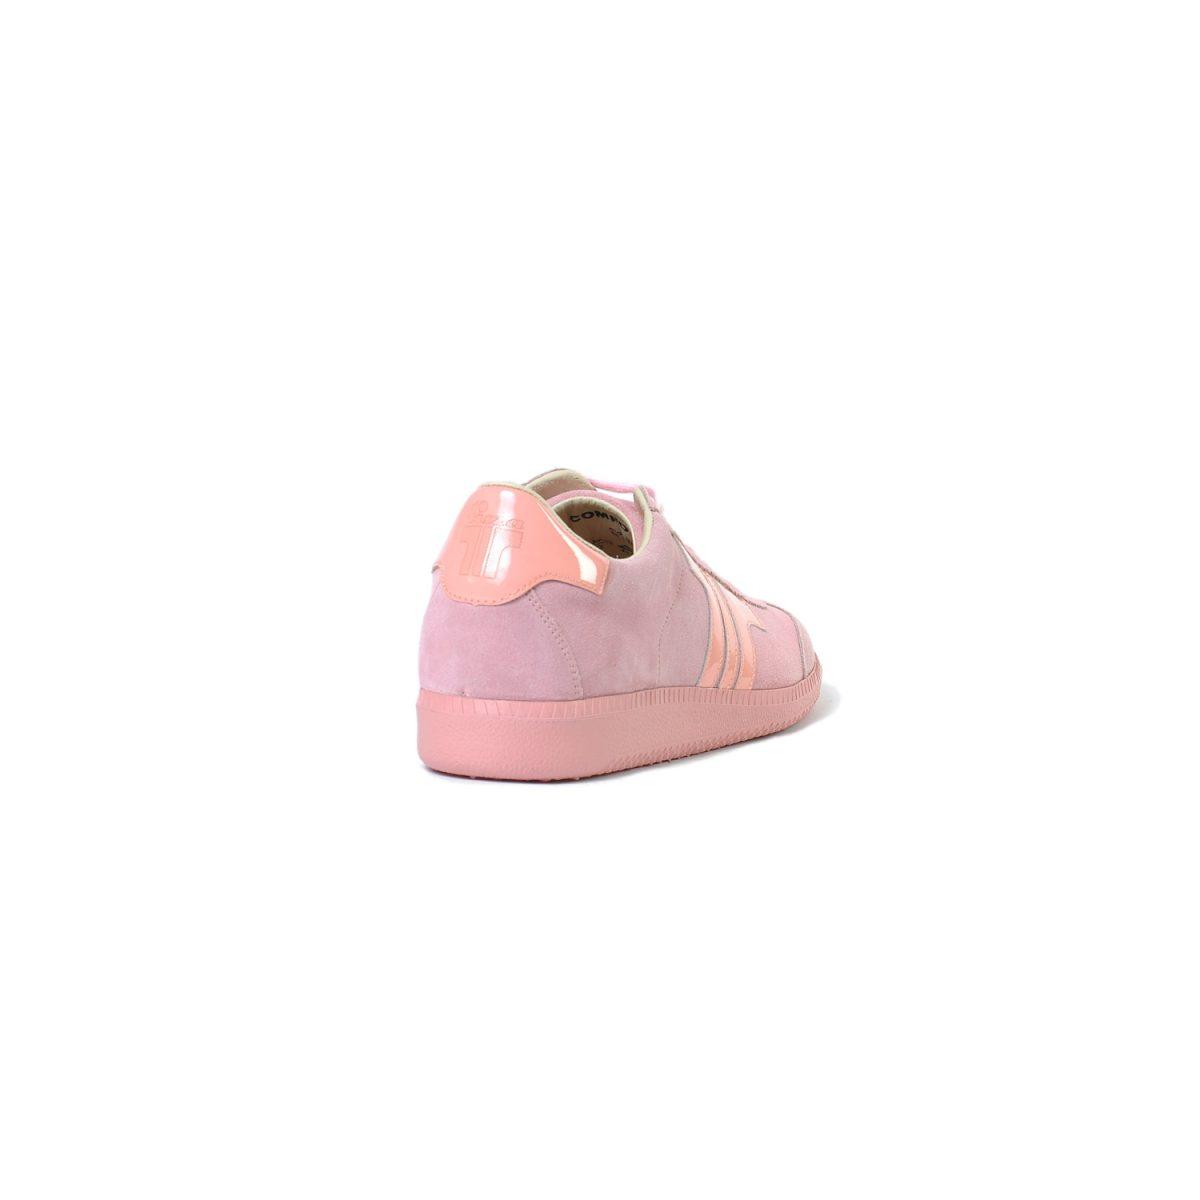 Tisza cipő - Comfort - Púder-lakk